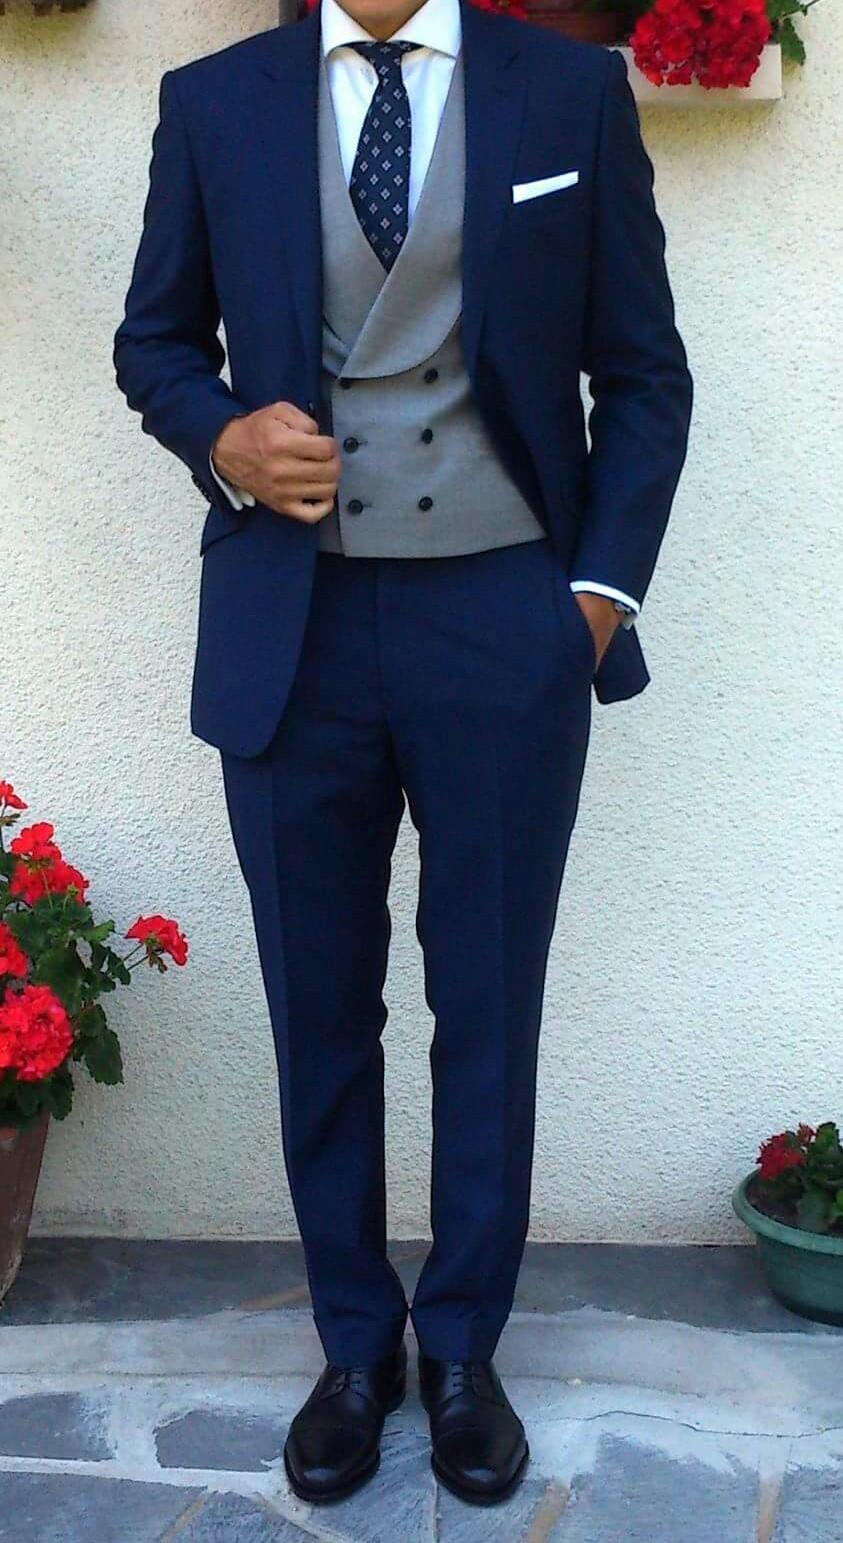 bc0052d3edd9 Akú košeľu k modrému obleku  - - Oblečenie a topá...